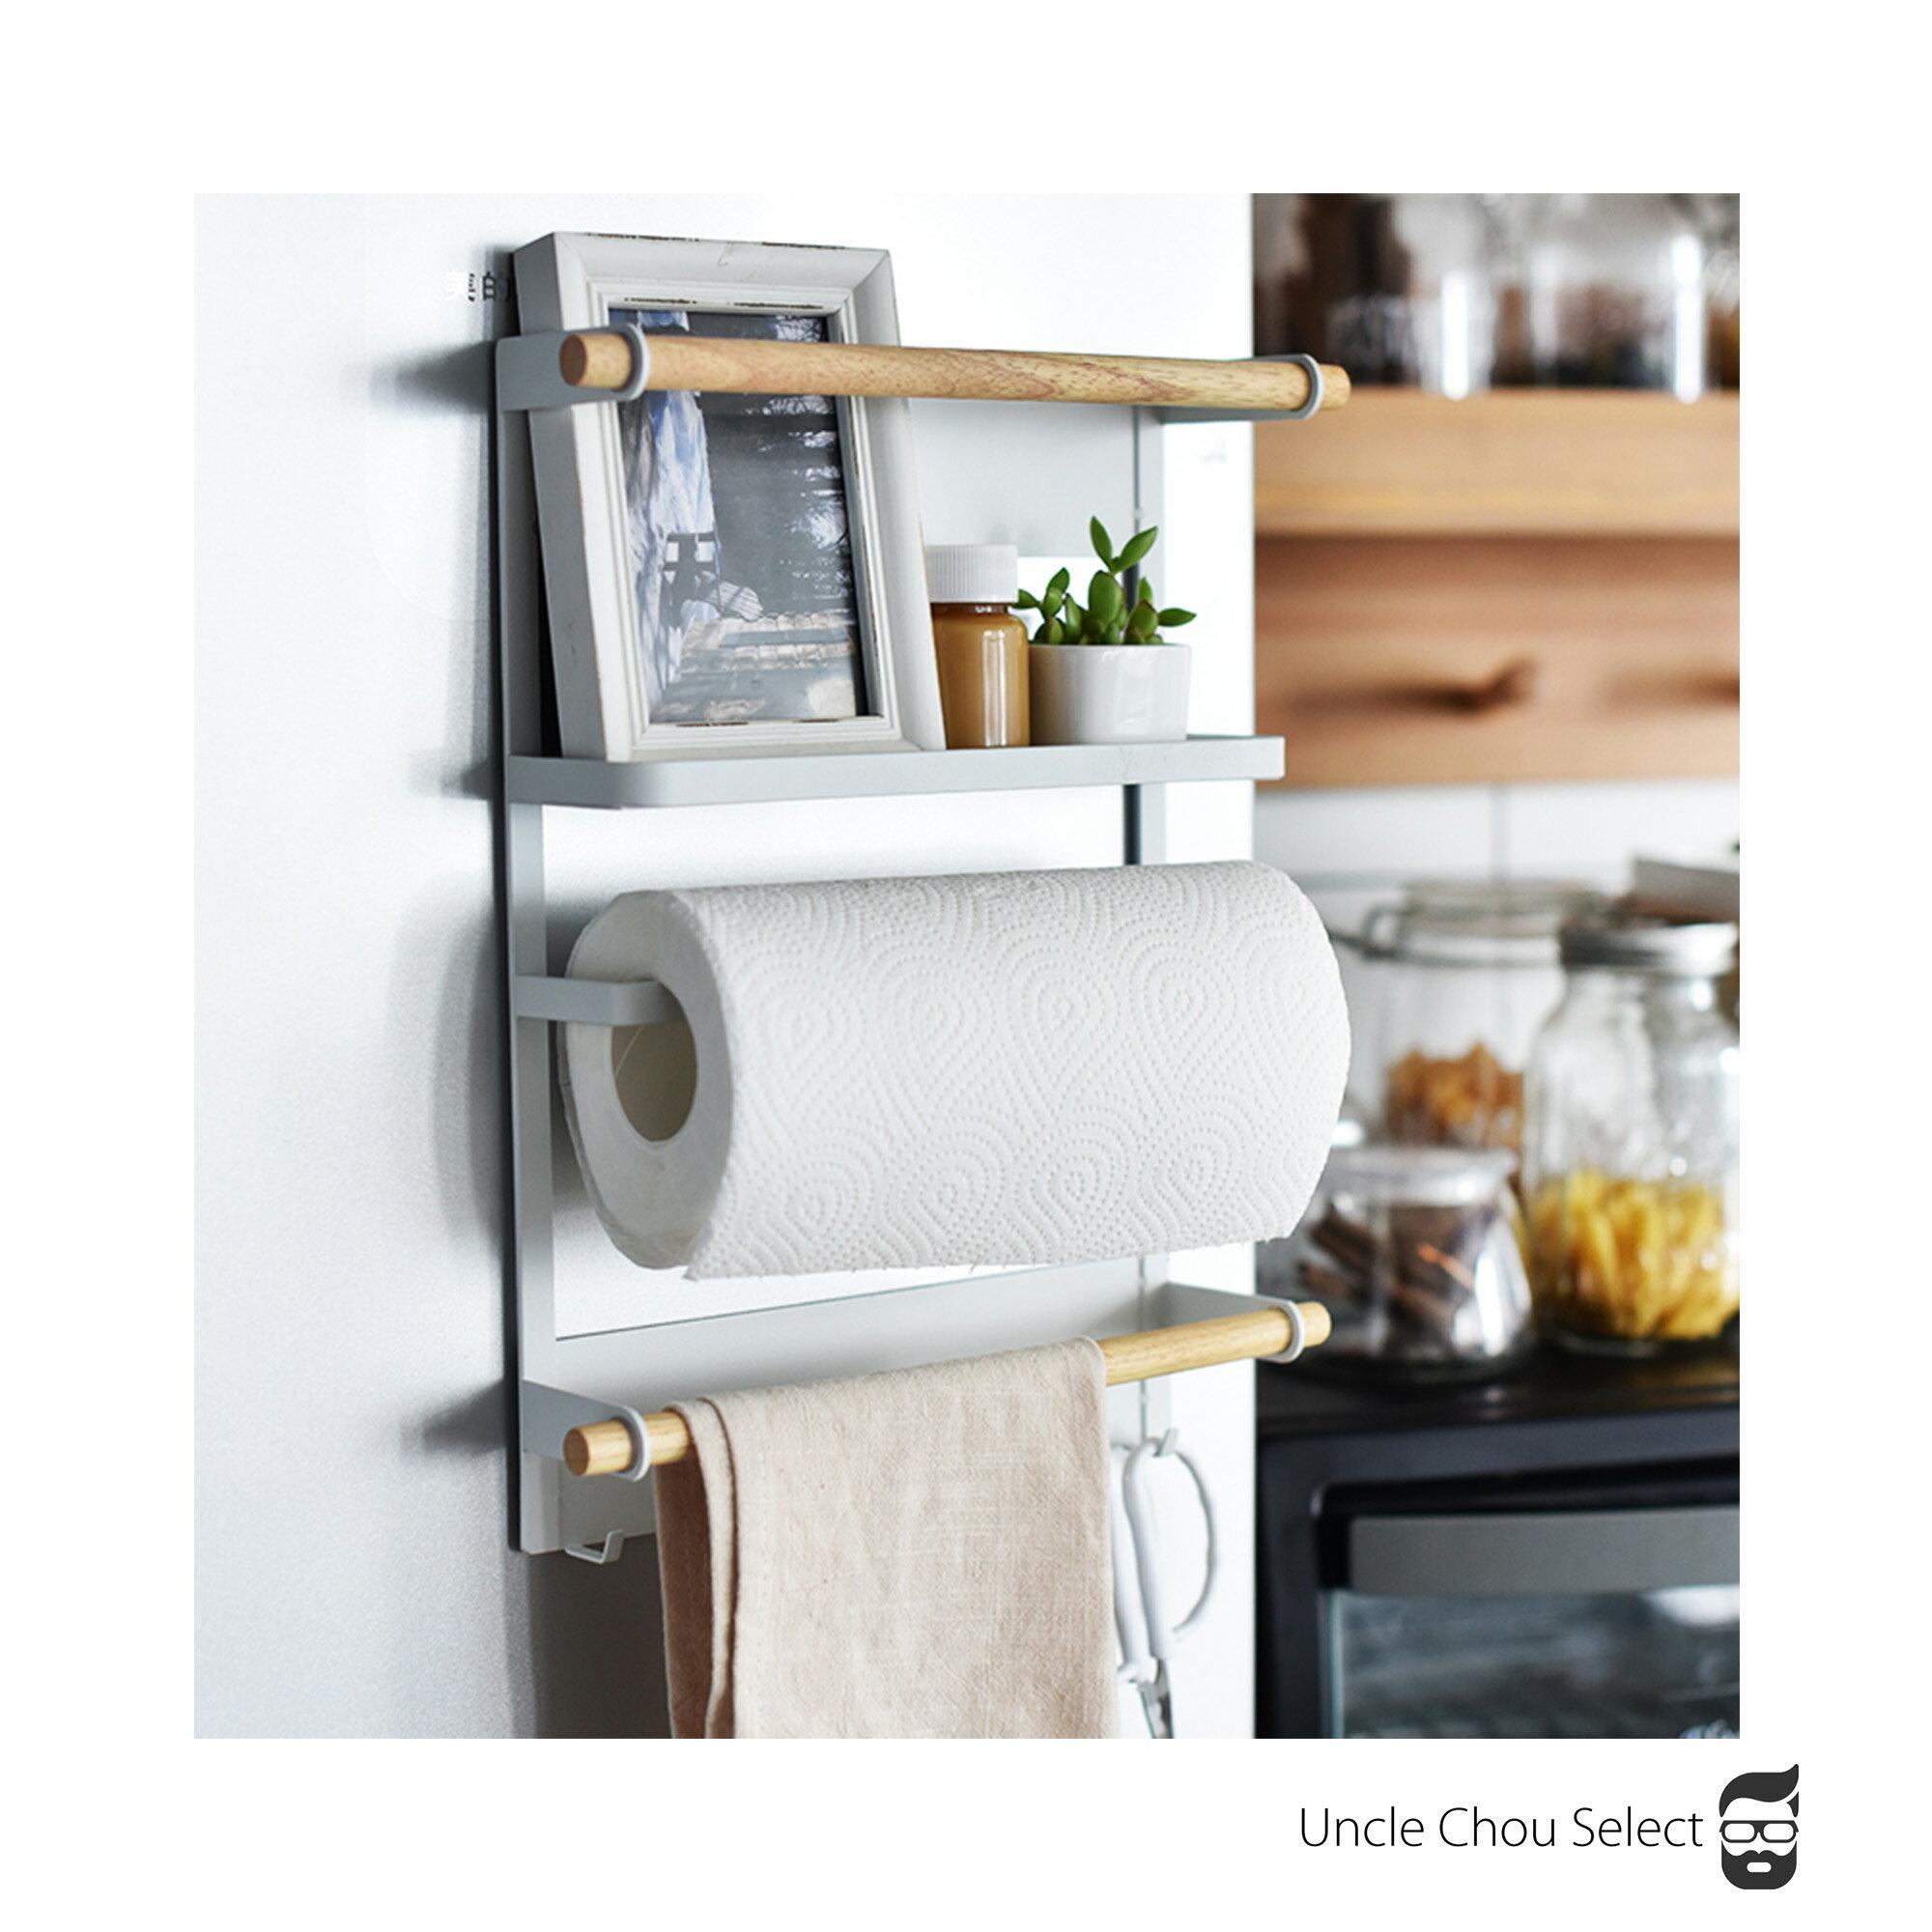 美式冰箱架 磁鐵收納置物架 餐巾紙架磁吸式紙巾架 北歐日本冰箱側掛架 zakka主婦禮物 免釘調味罐收納